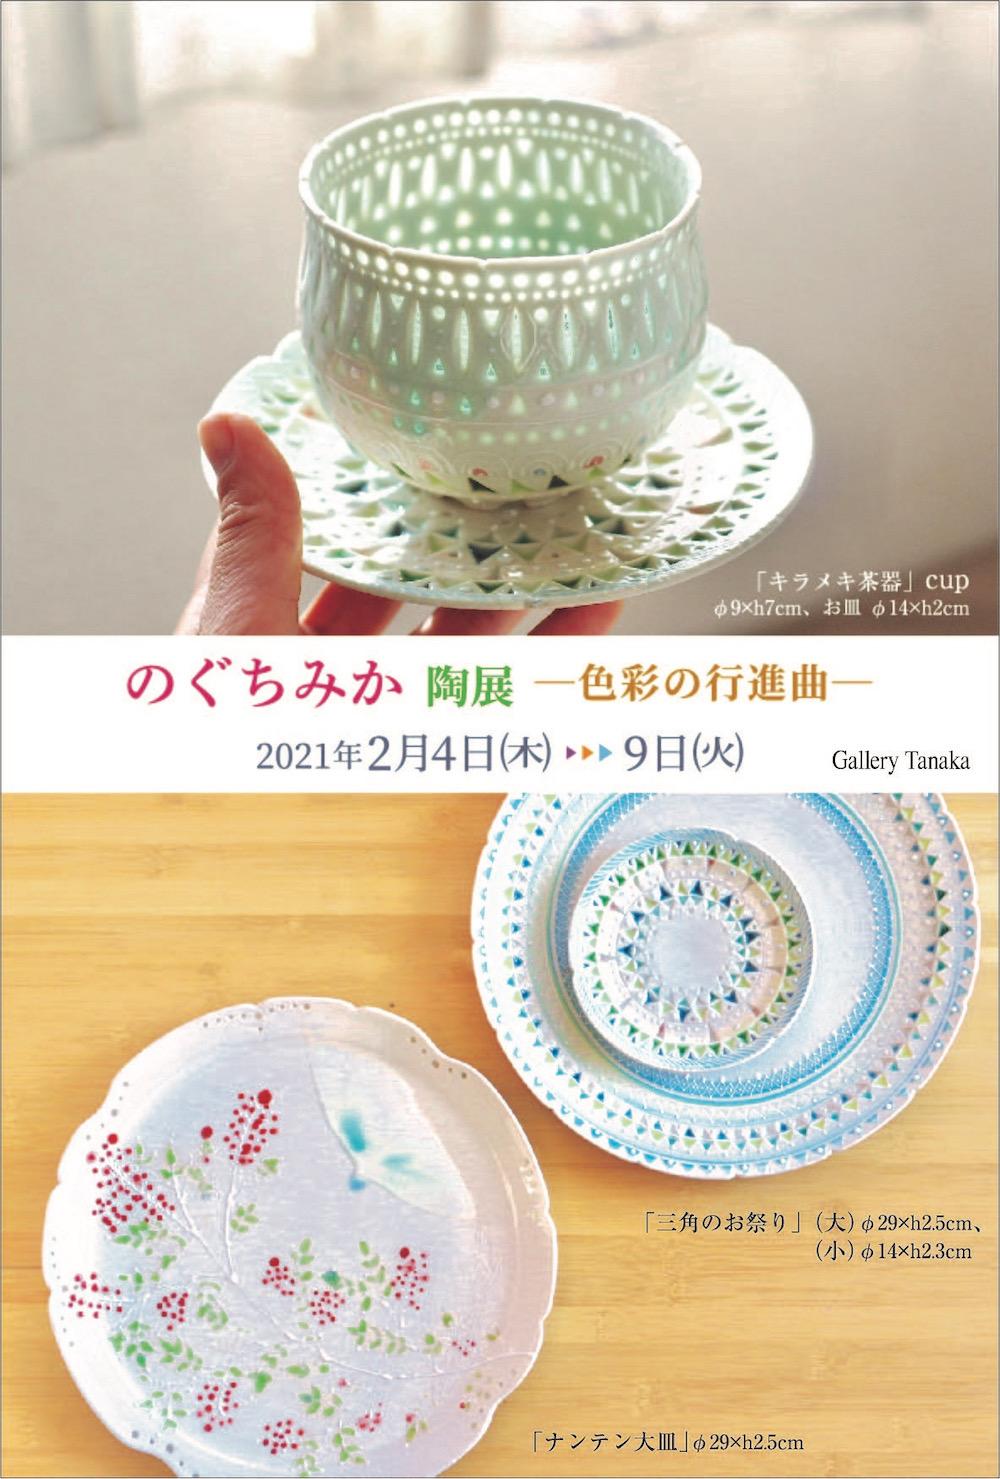 2/4(木)-9(火) 個展@ギャラリー田中(銀座)